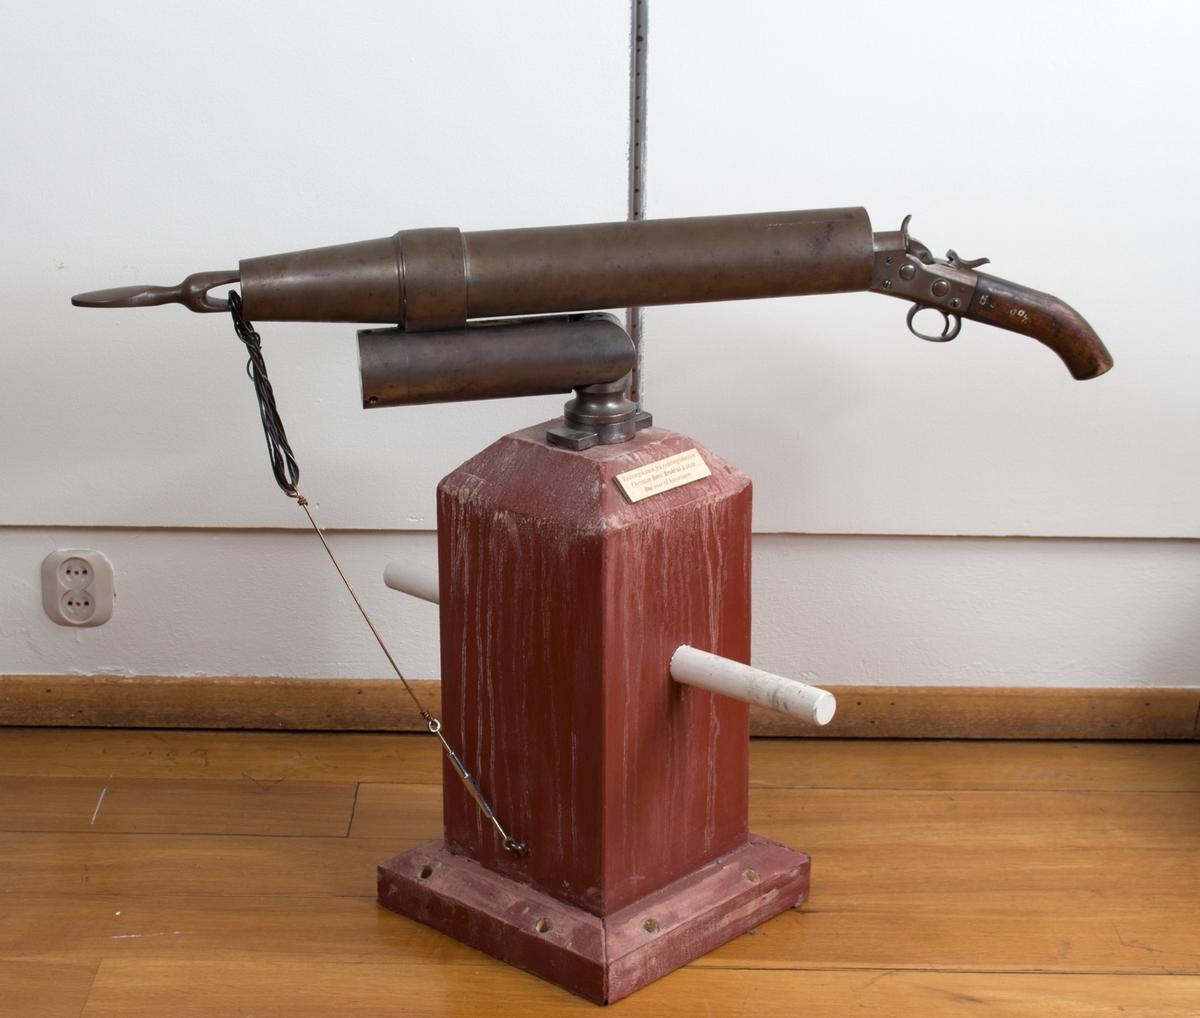 Redningskanon/gevær for redningsline med fundament for montering på skipsdekk. Har vært ombord i redningsskøyten CHRISTIAN BØRS.